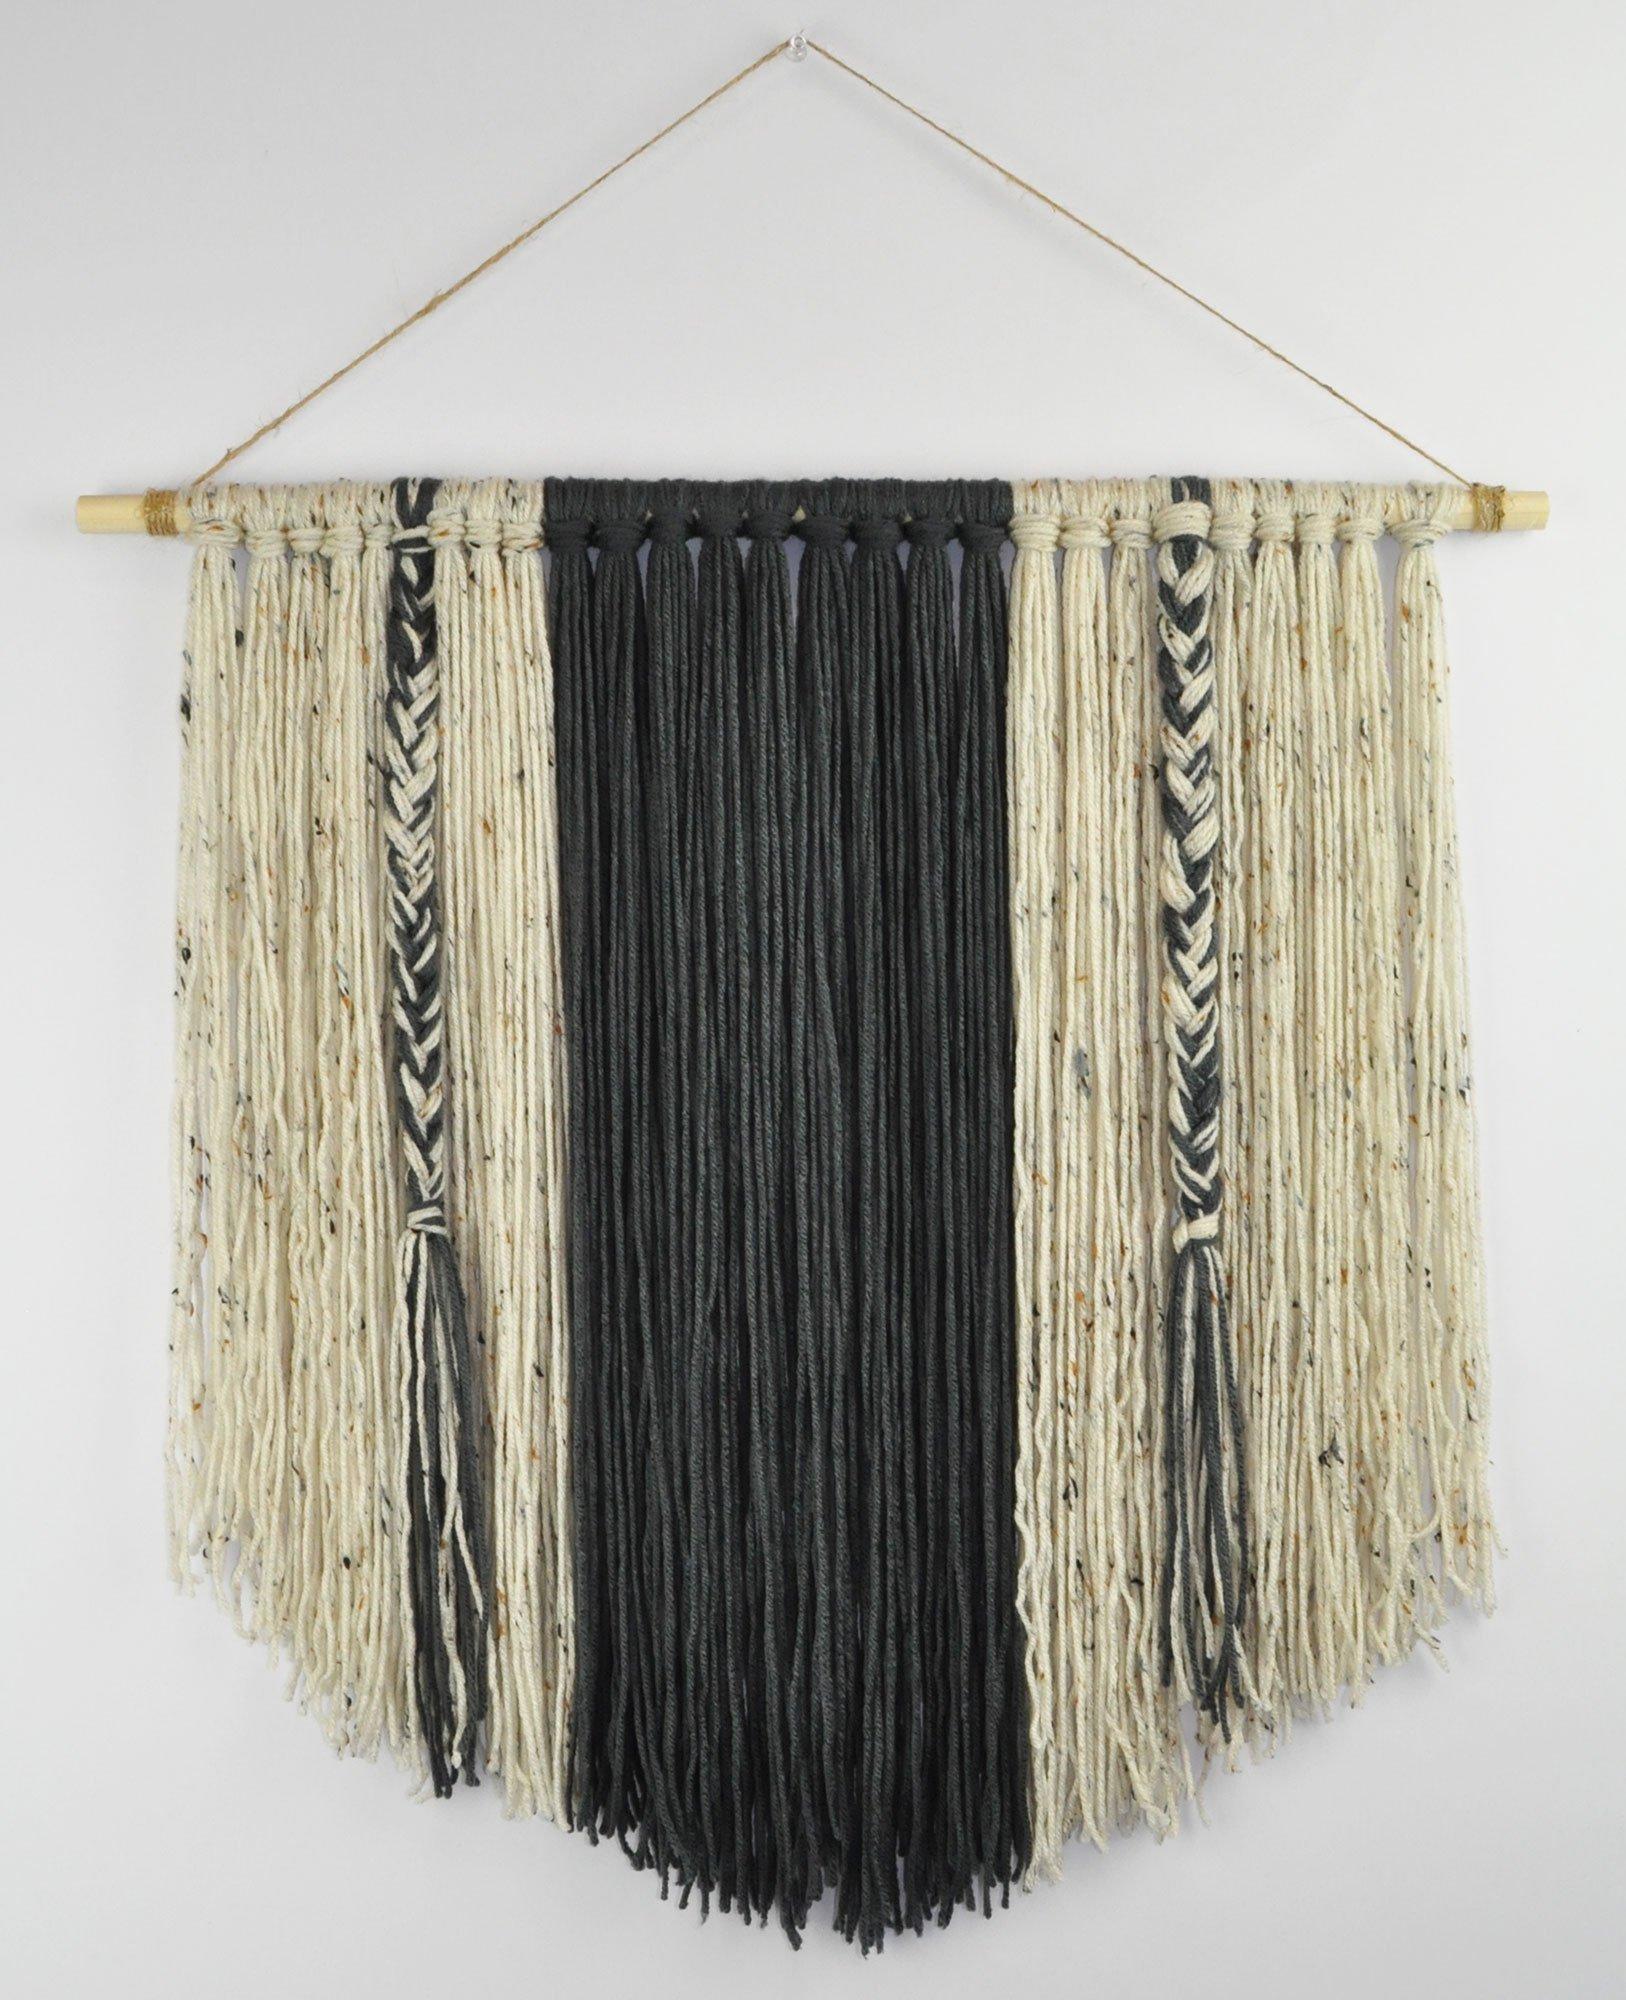 Boho Yarn Wall Hanging Bohemian Minimalist Tapestry Art Decor Statement Piece - GRAY 24 X 24''